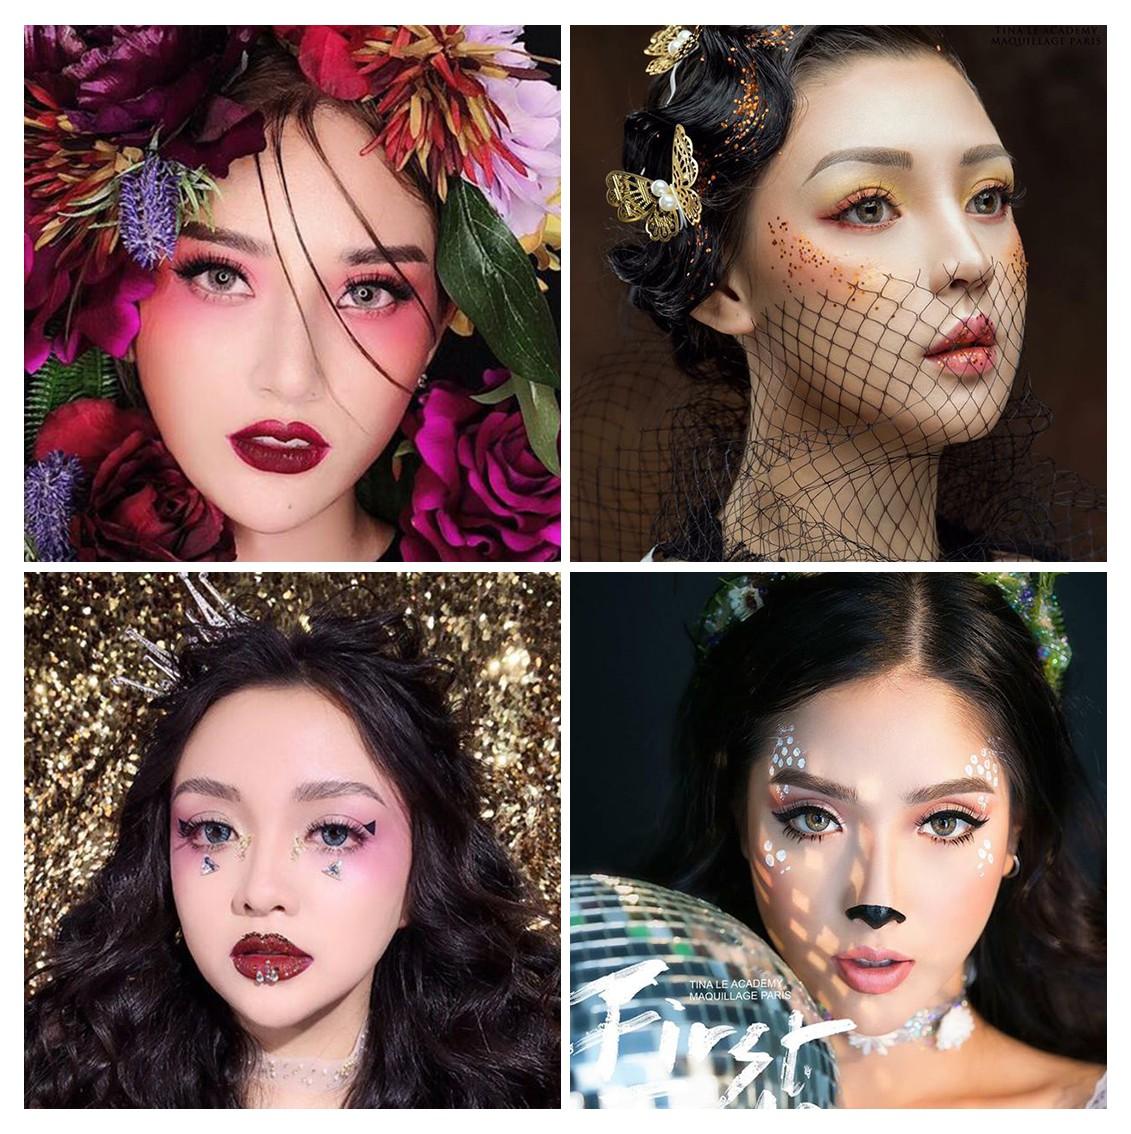 Tina Lê make up: nhân vật truyền cảm hứng cho các thế hệ học trò về làm đẹp - 1 năm nhìn lại - Ảnh 9.